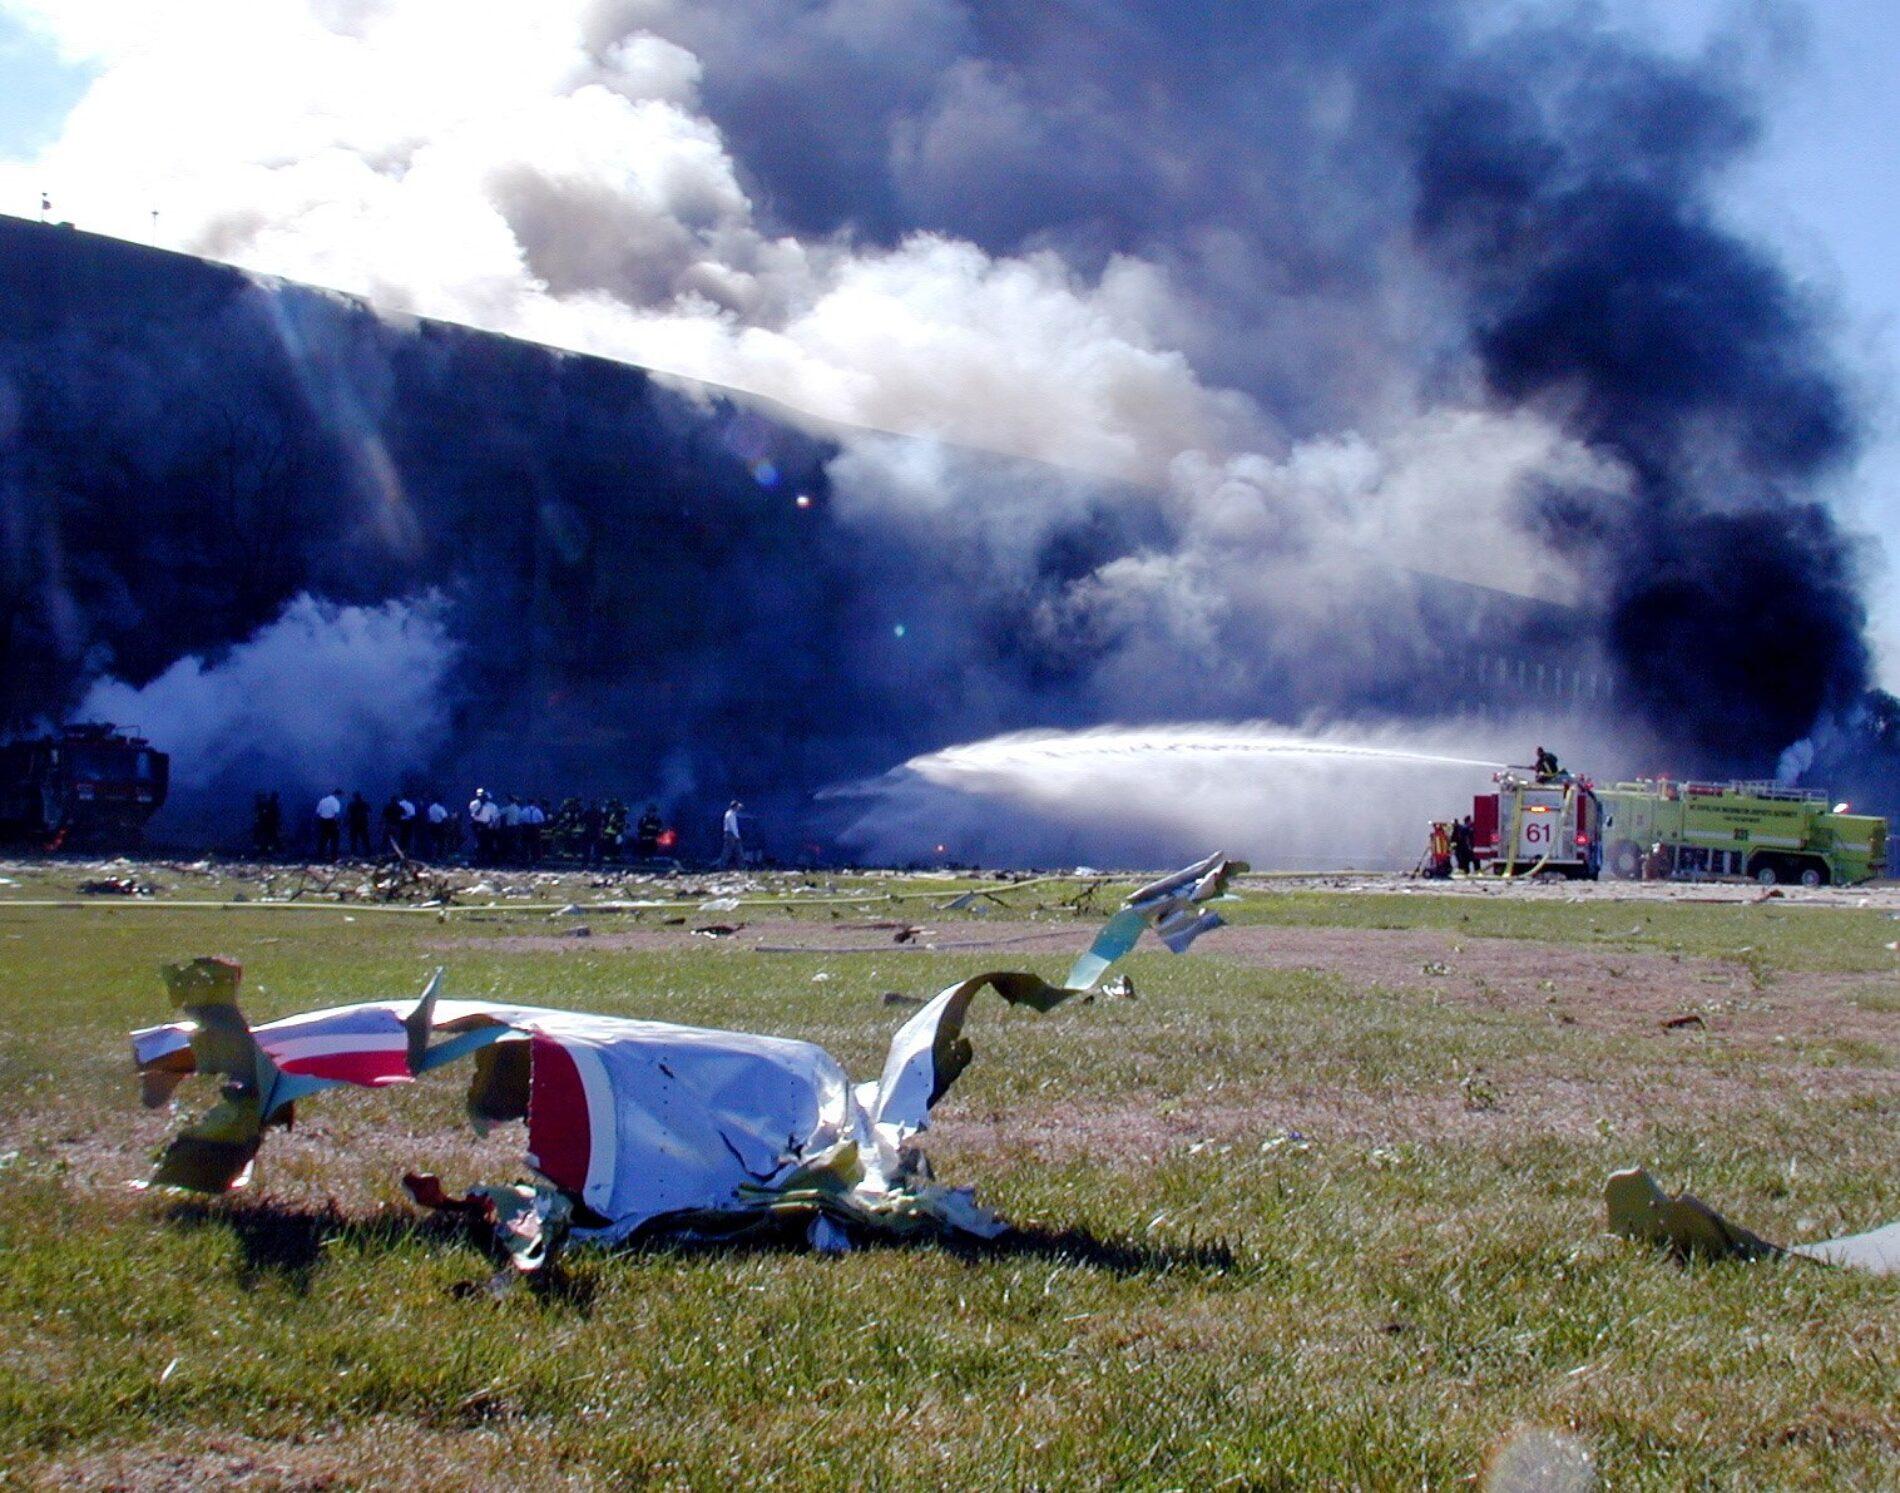 MEGA ESPECIAL EN HISTORY Y HISTORY 2 A 20 AÑOS DEL 9/11